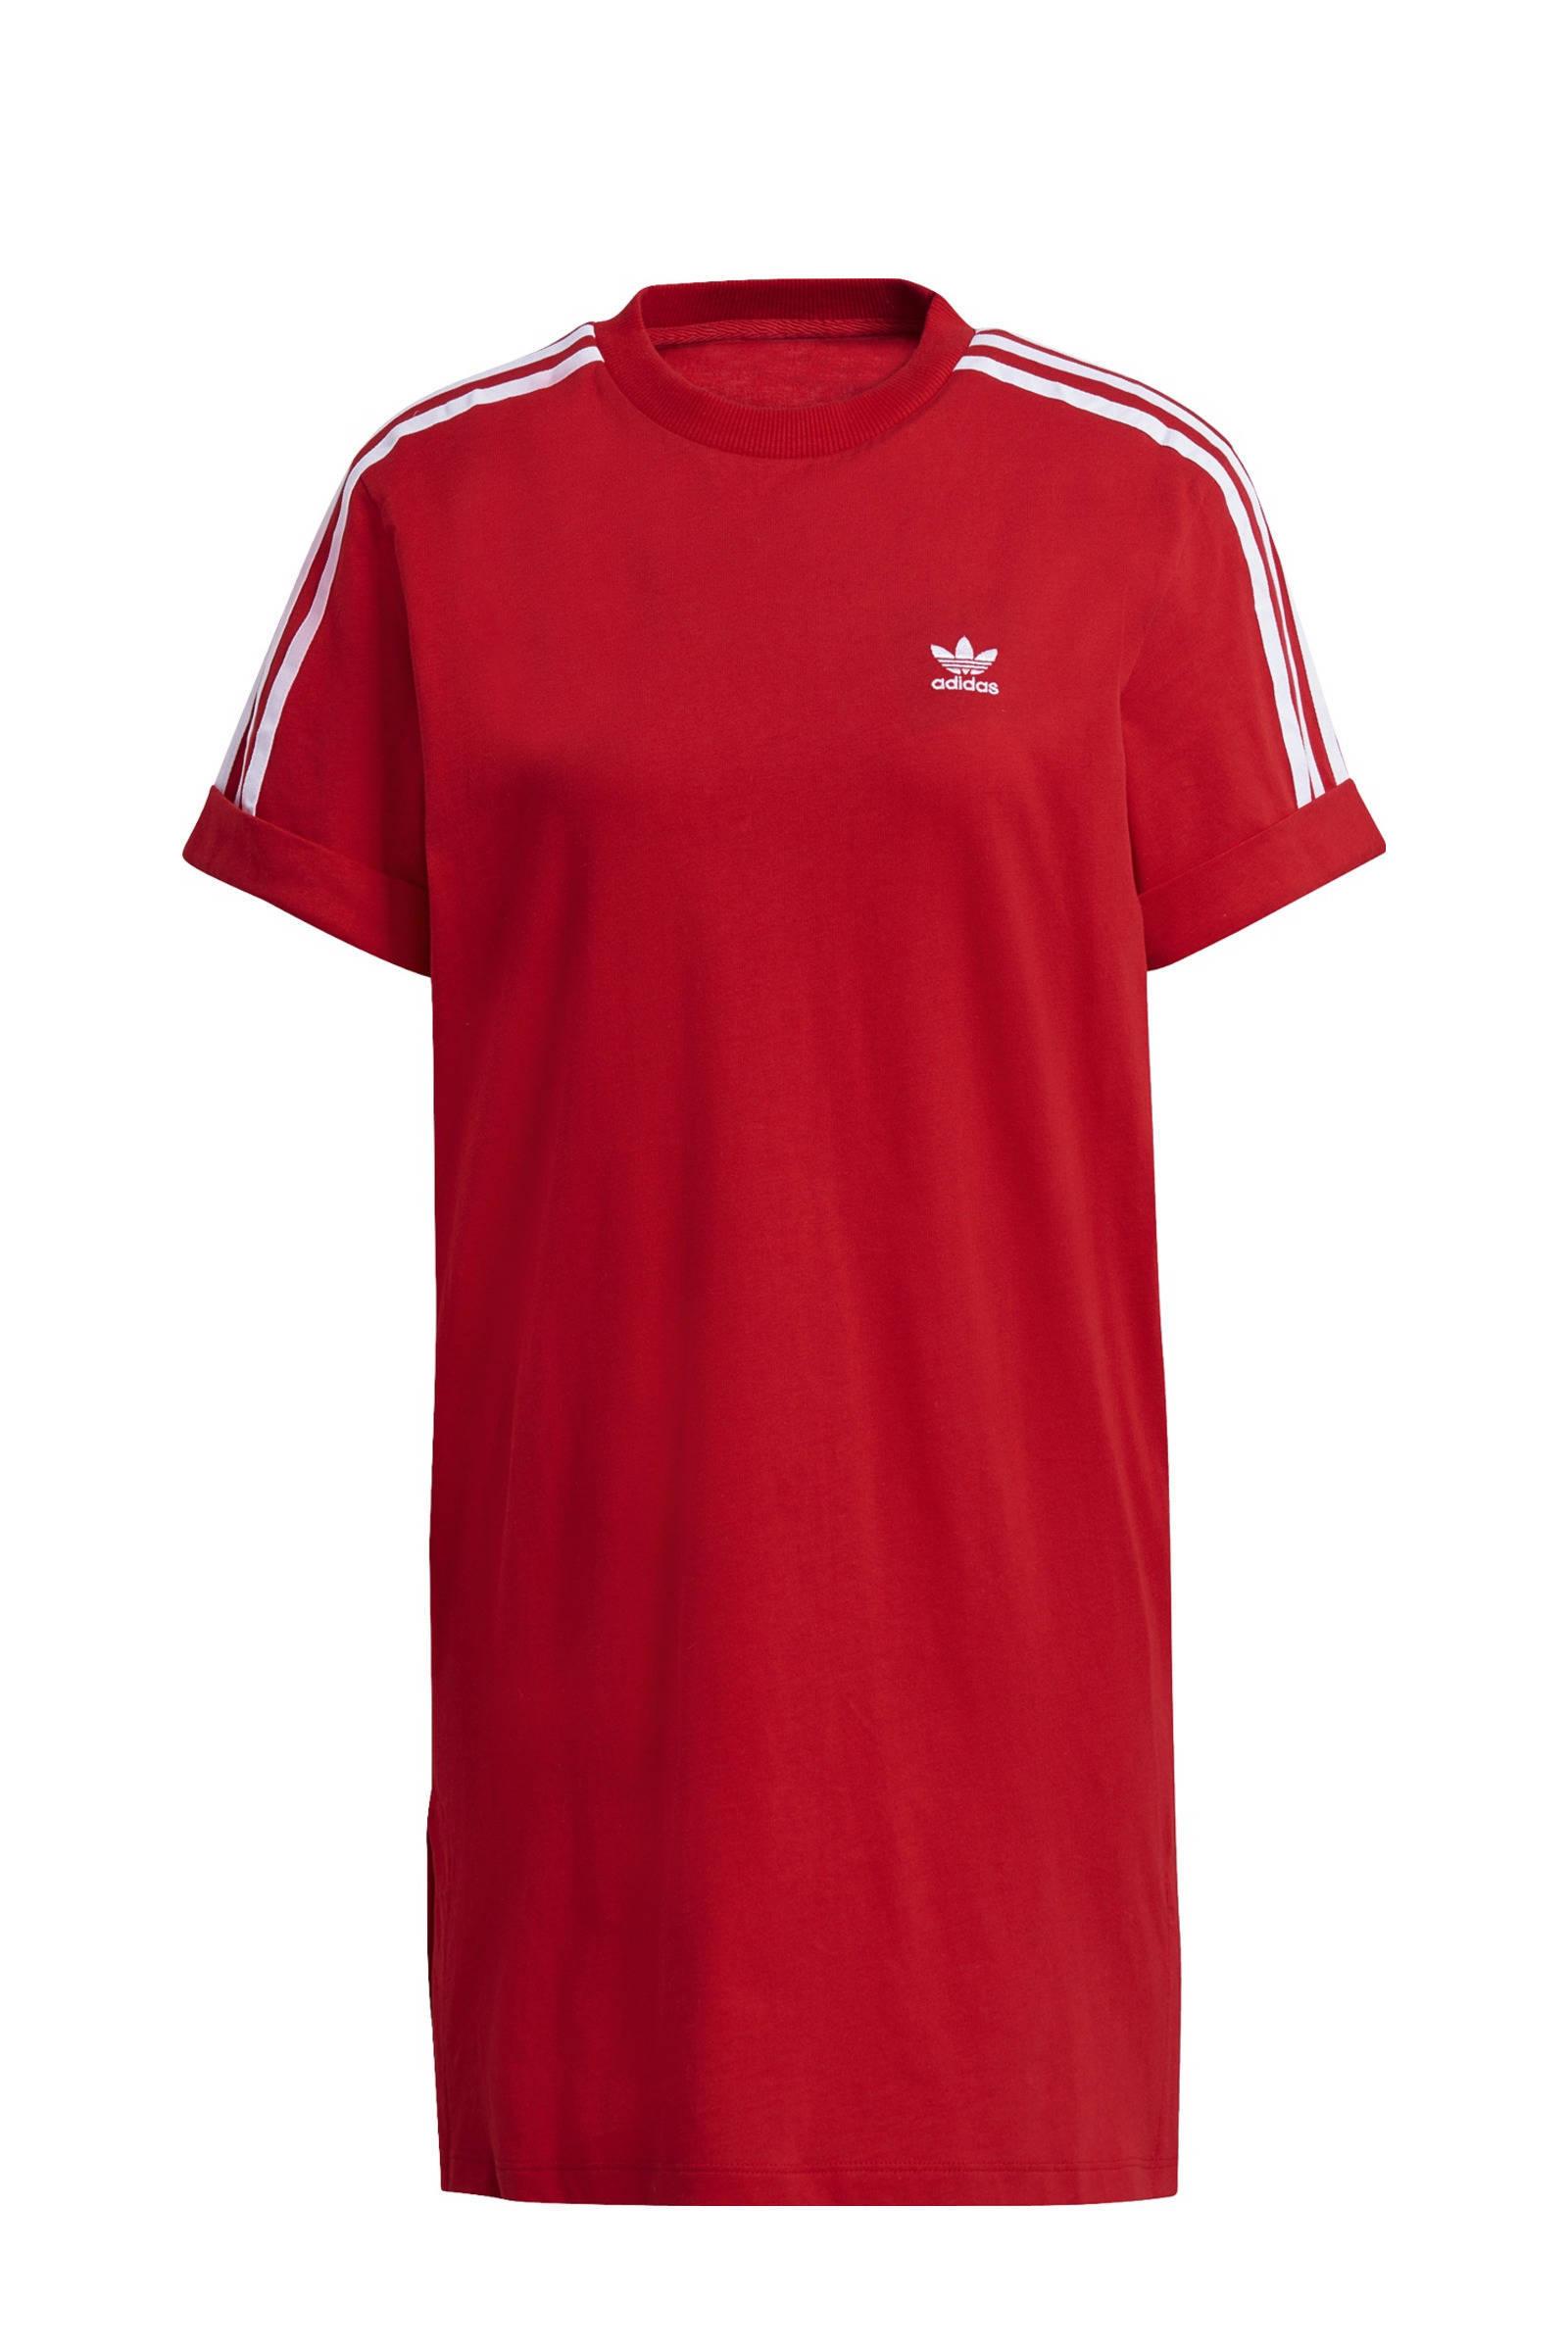 Adidas Originals adicolor T-shirtjurk met 3-Stripes in rood online kopen